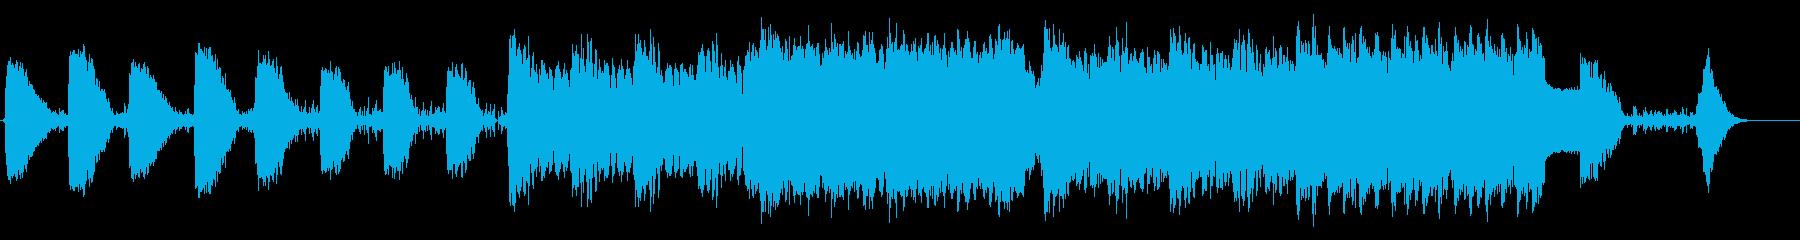 戦闘の最前線のような力強く攻撃的な曲ですの再生済みの波形